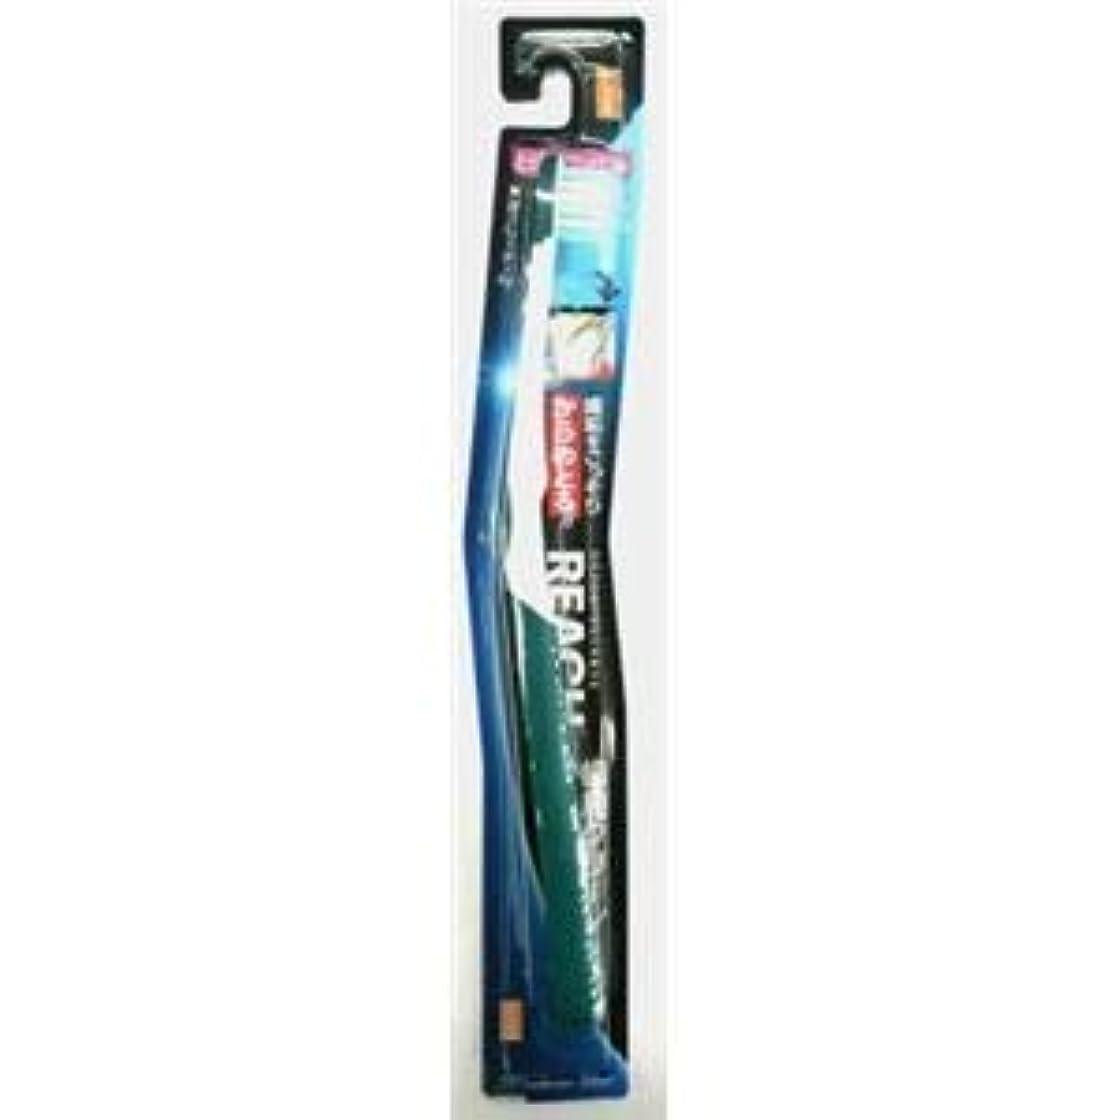 ホイッスルハイランド寝てる(まとめ)銀座ステファニー リーチ歯ブラシ リーチ 歯周クリーン とってもコンパクト やわらかめ 【×12点セット】